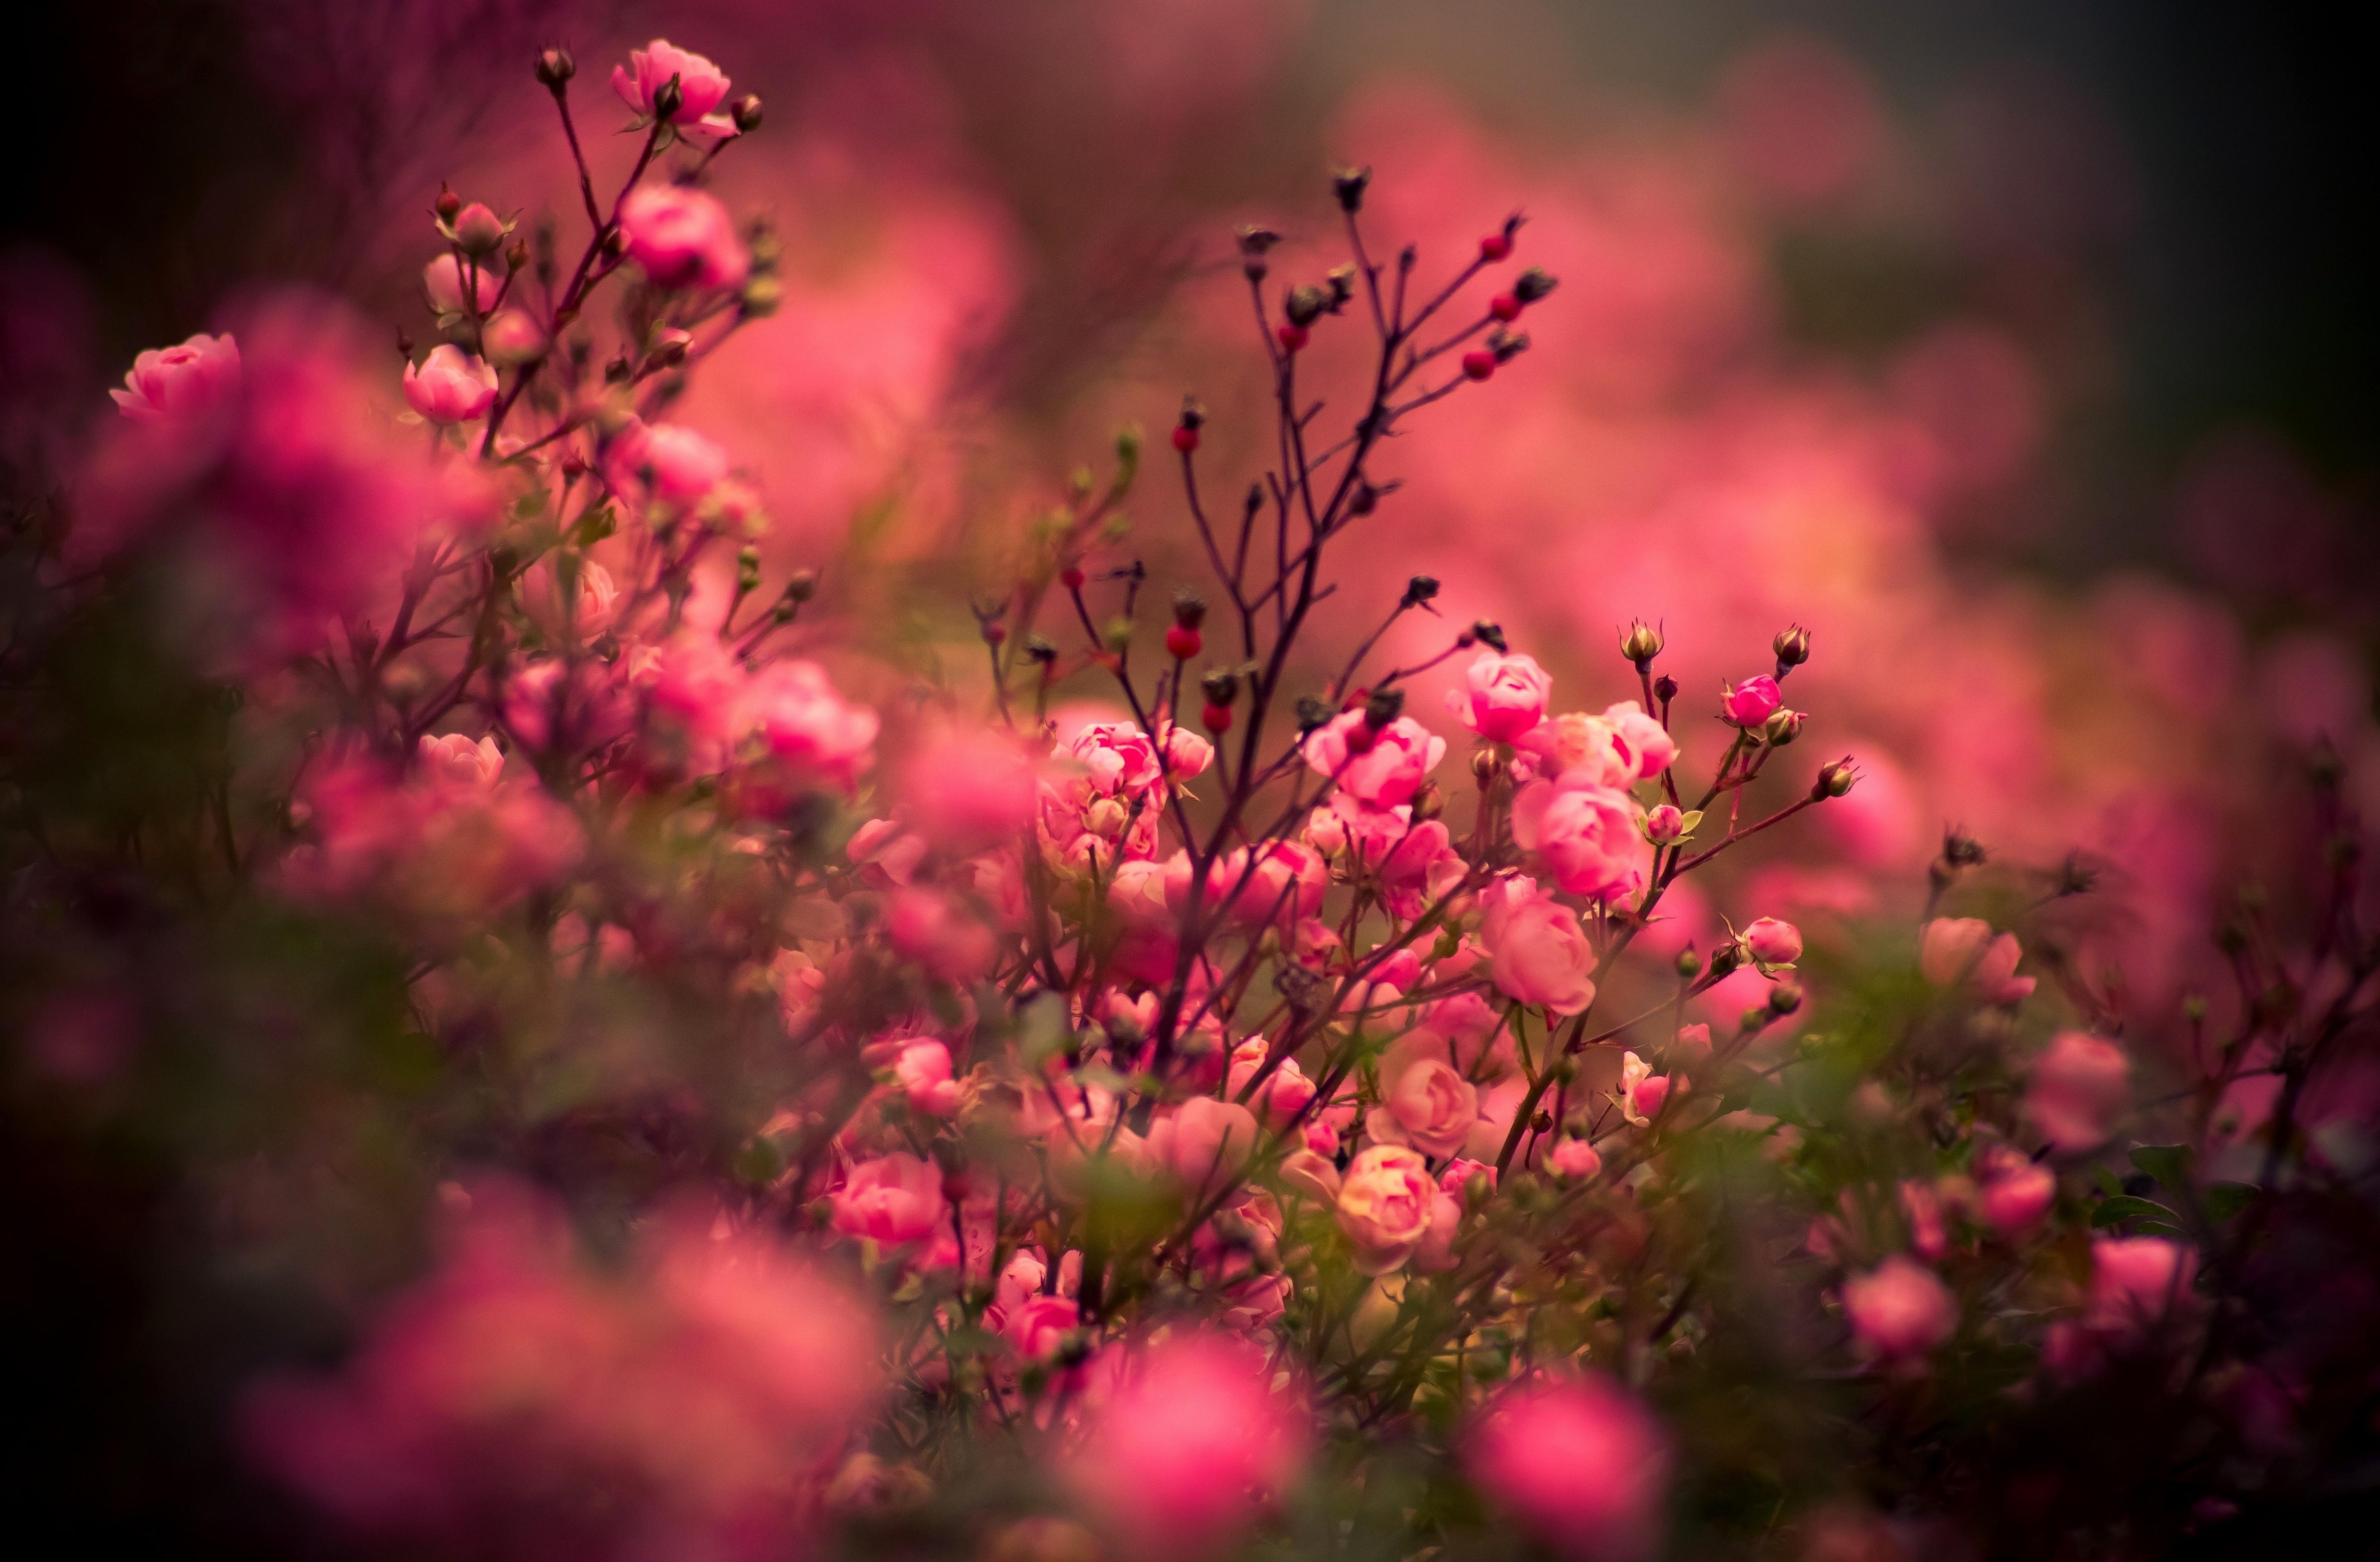 большие фотографии профессионалов цветов кардинальные изменения